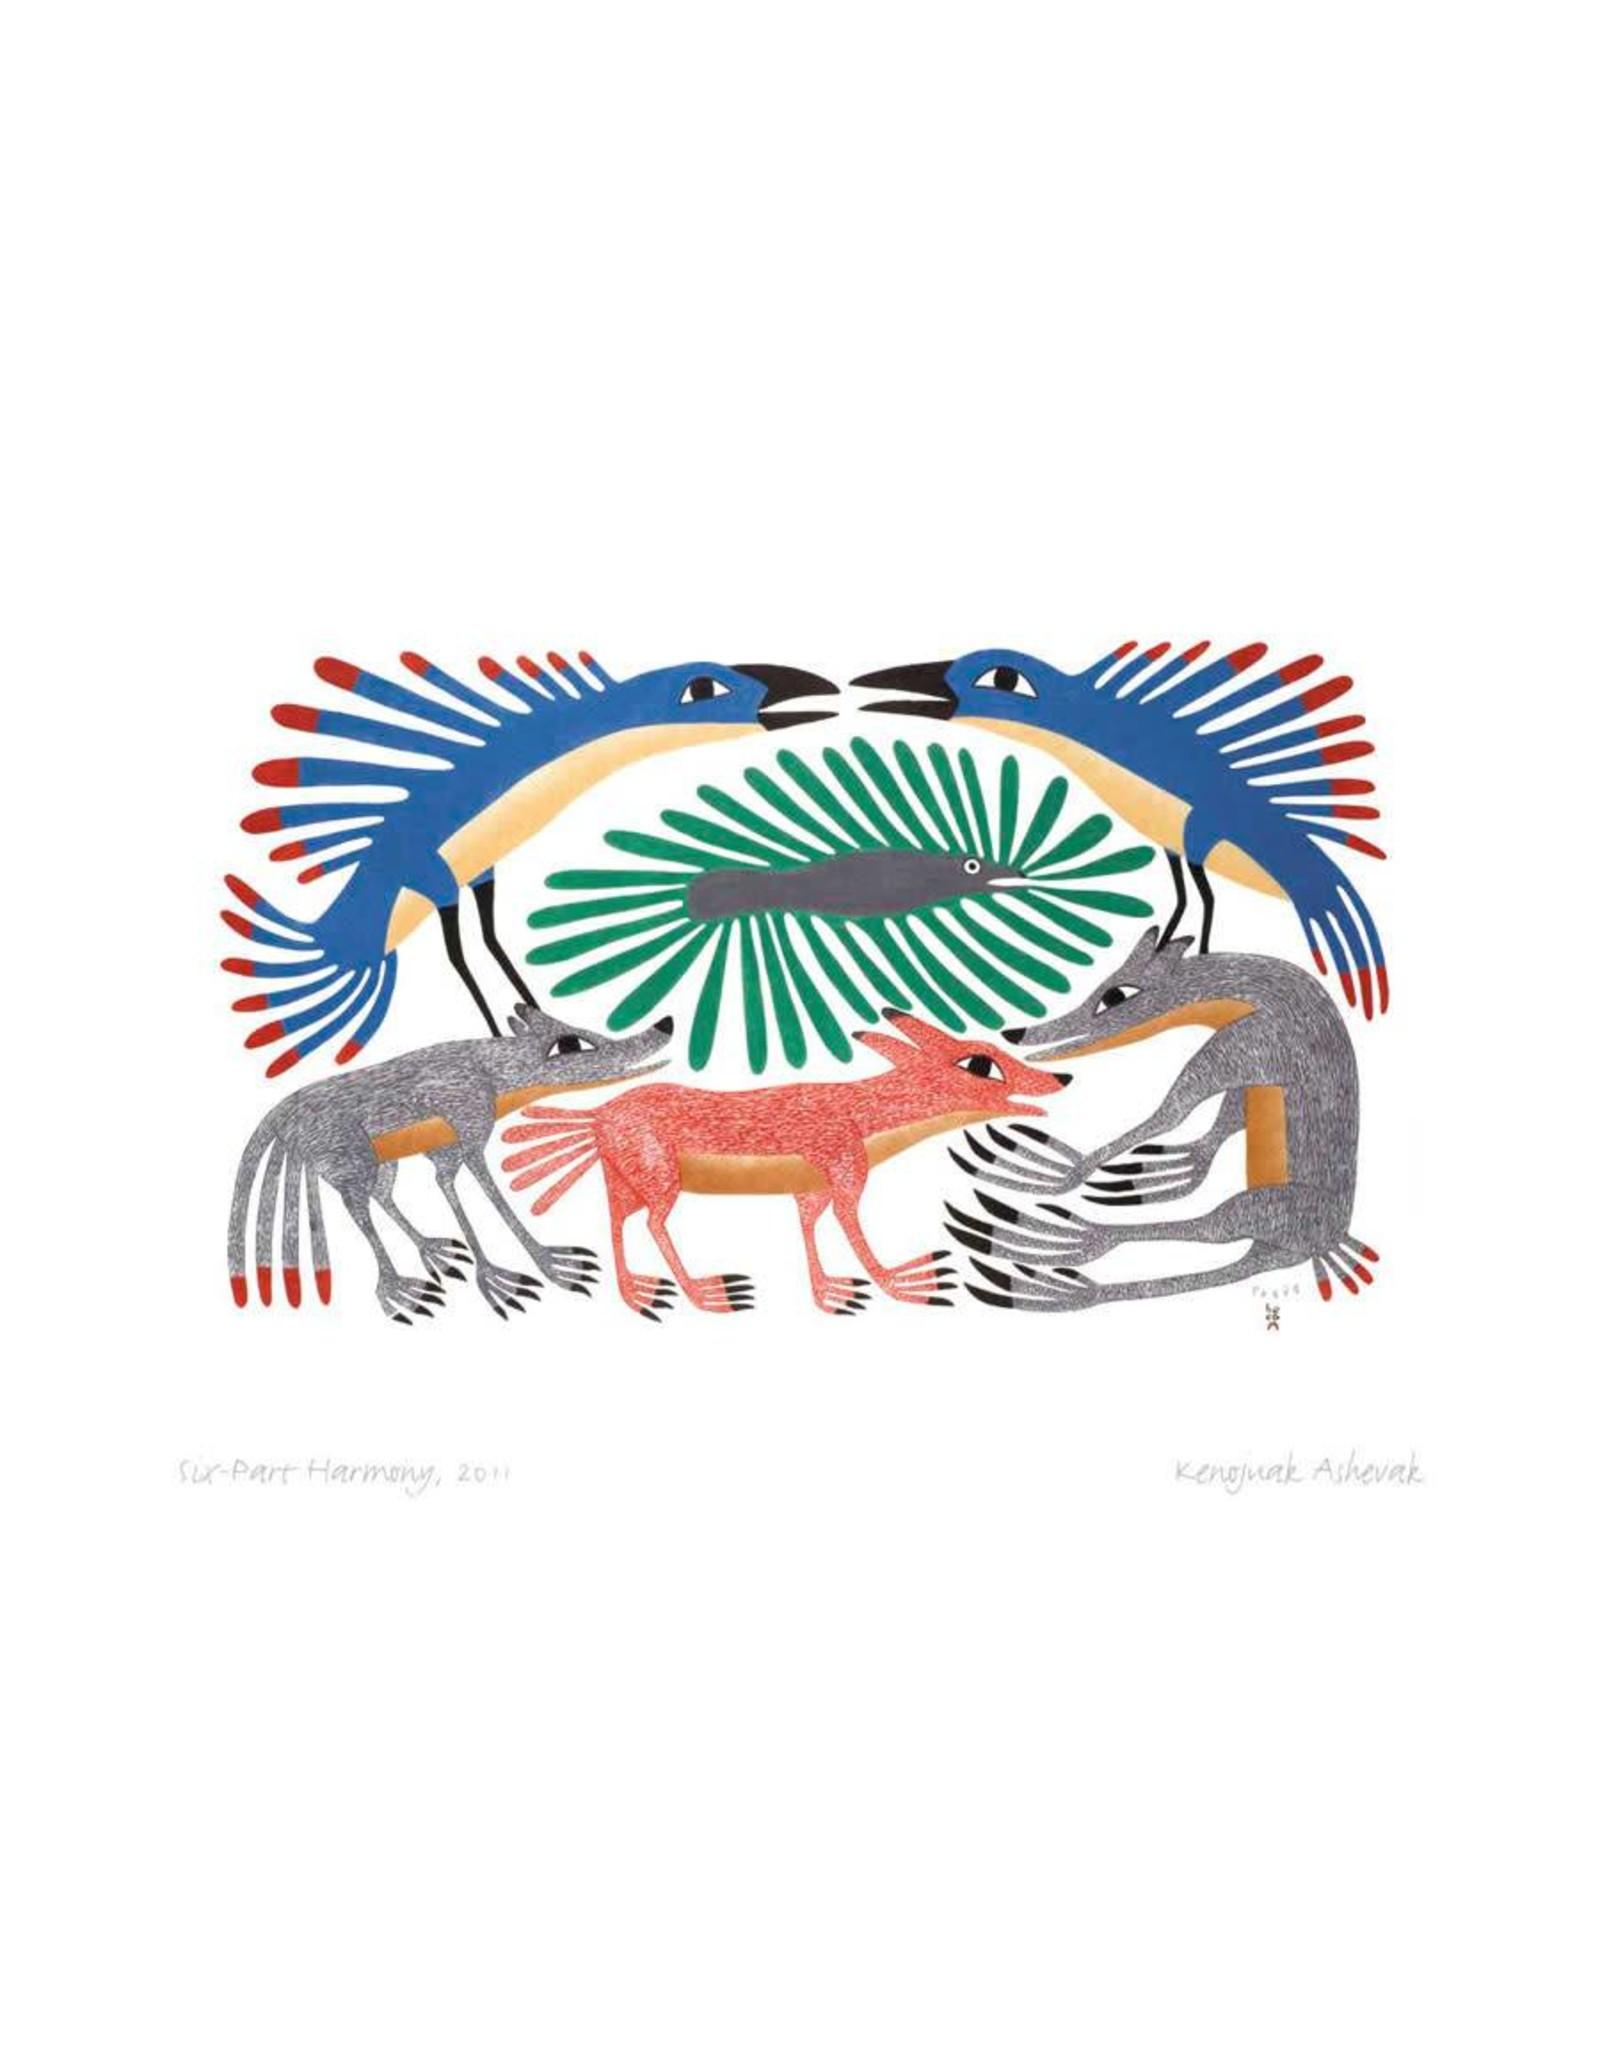 Six-Part Harmony, 2011 par Kenojuak Ashevak Montée sur Passe-Partout